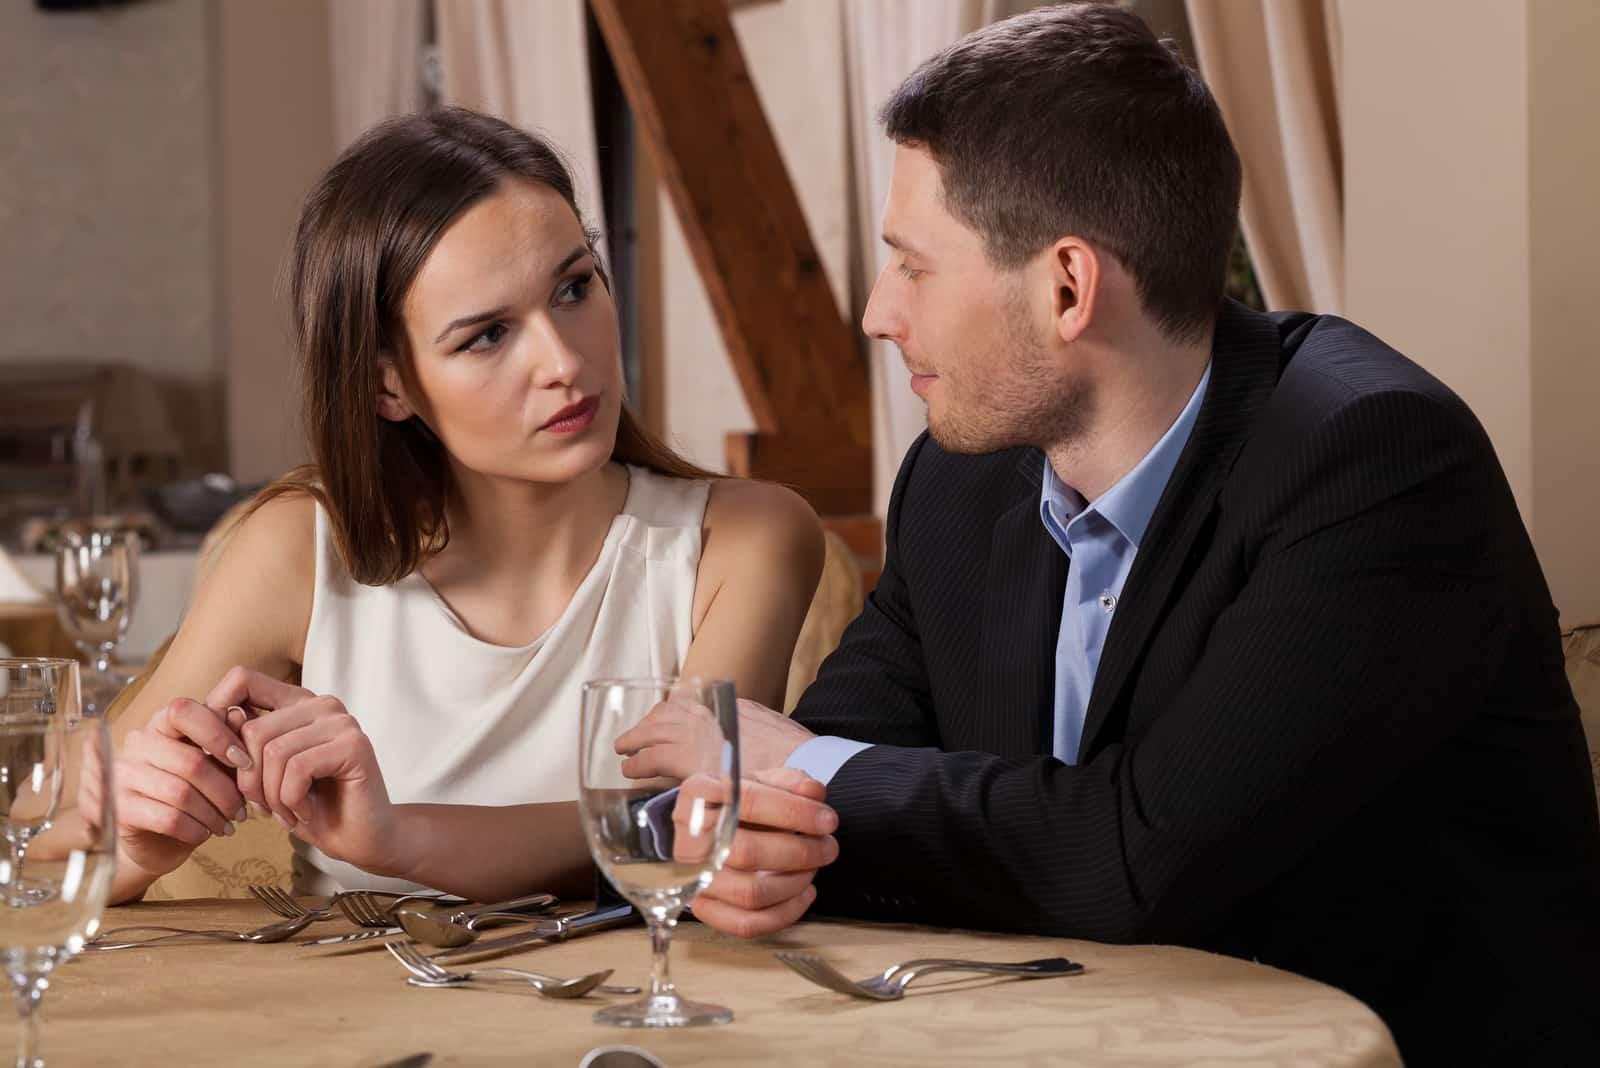 la femme regarde l'homme avec confusion